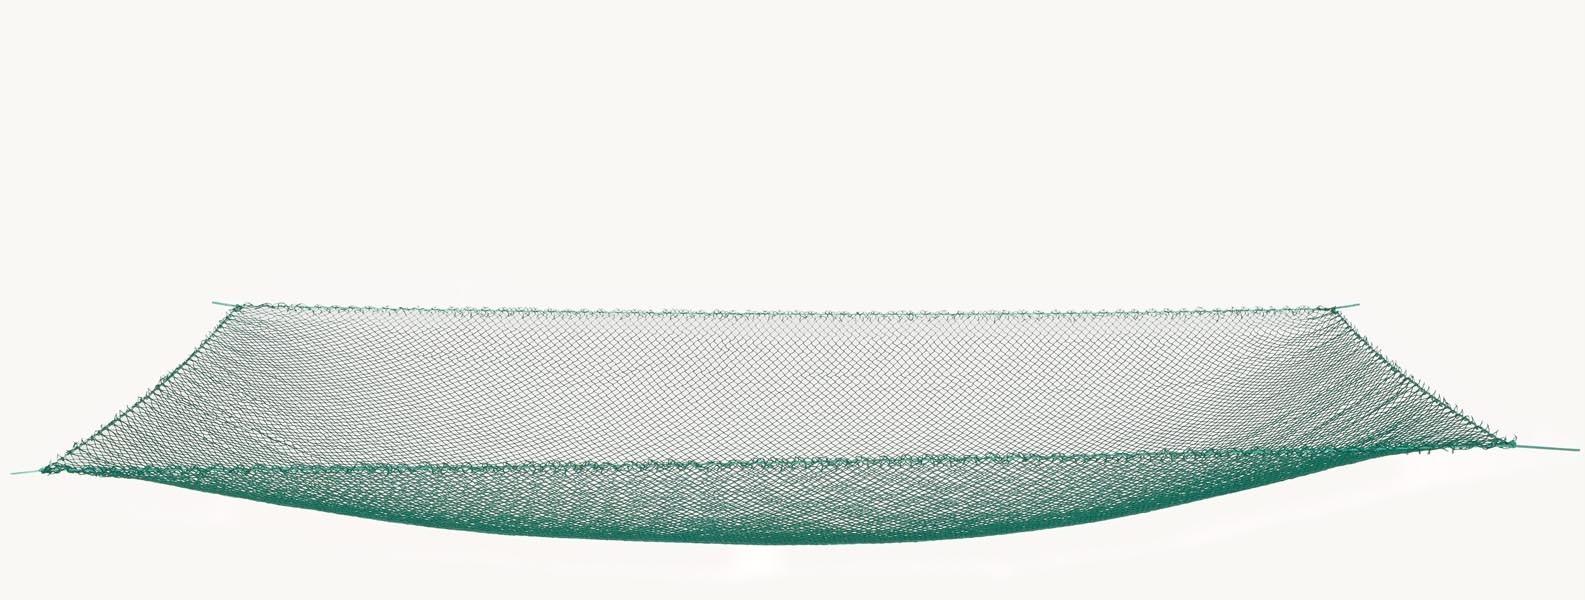 Tauchhamennetz auch für Senke oder Daubel 1,25 m x 1,25 m, 10 mm Maschenweite